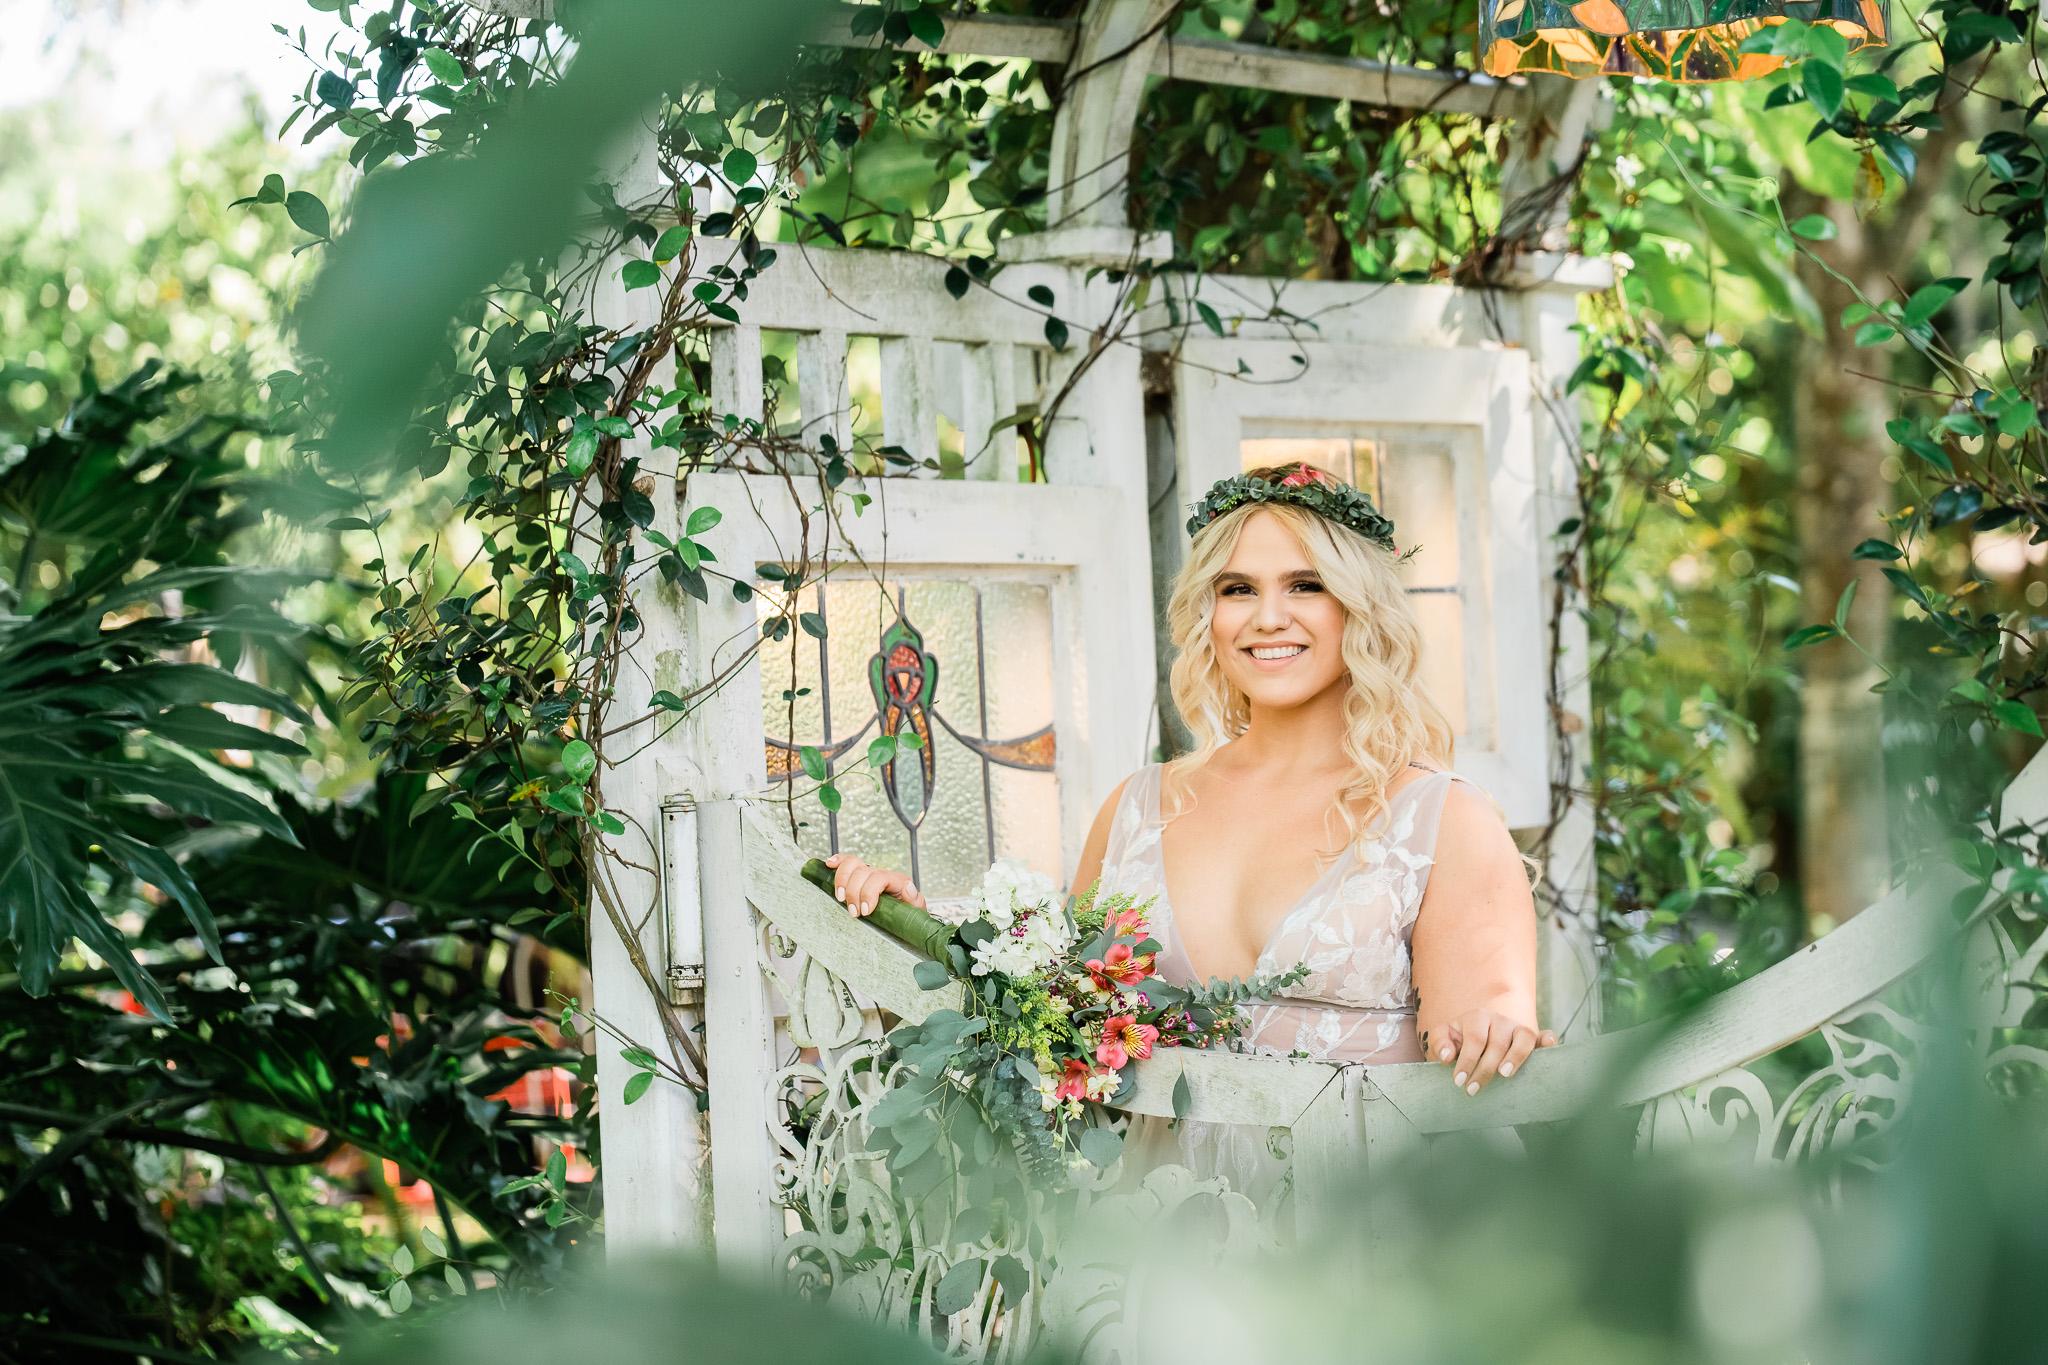 TAMPA_WEDDING_GIGIS_COUNTRY_GARDEN_CJMZ_Z85_9252.jpg